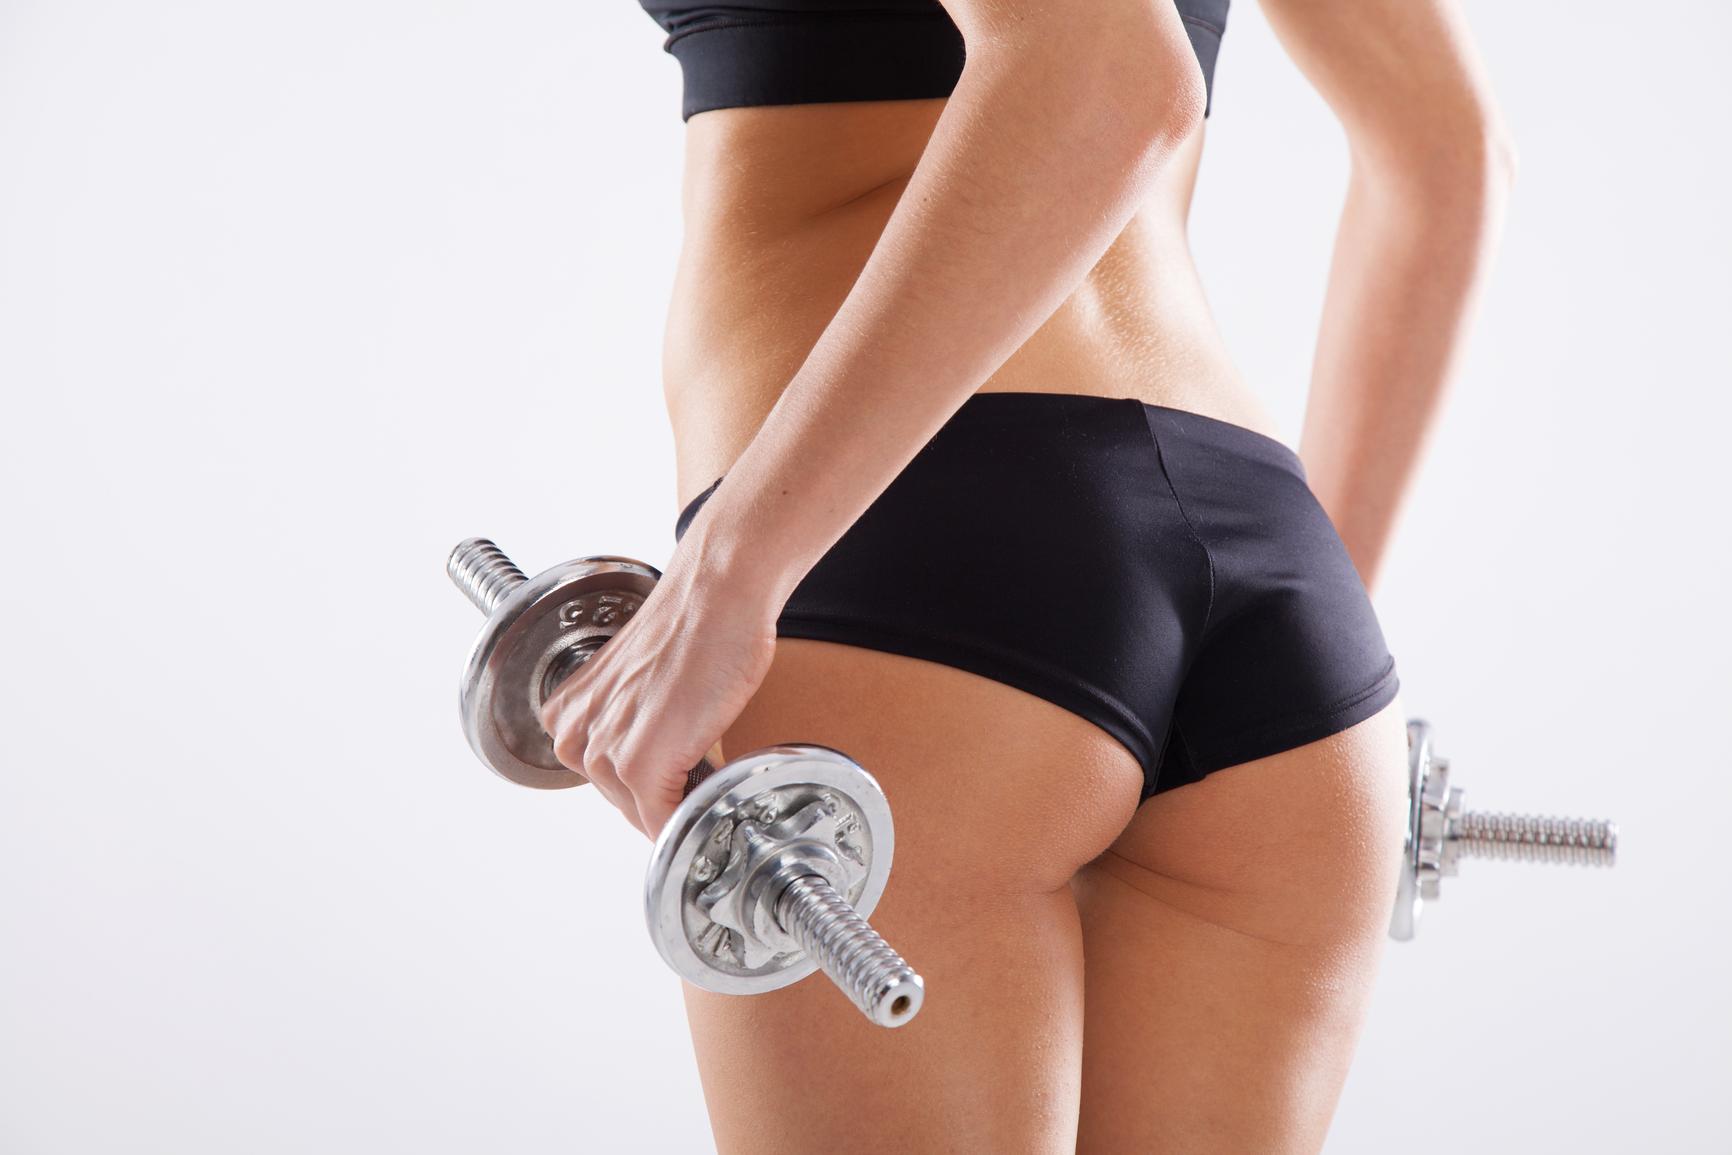 Домашній спорт: як без штанг і гантелей накачати сідниці і ноги